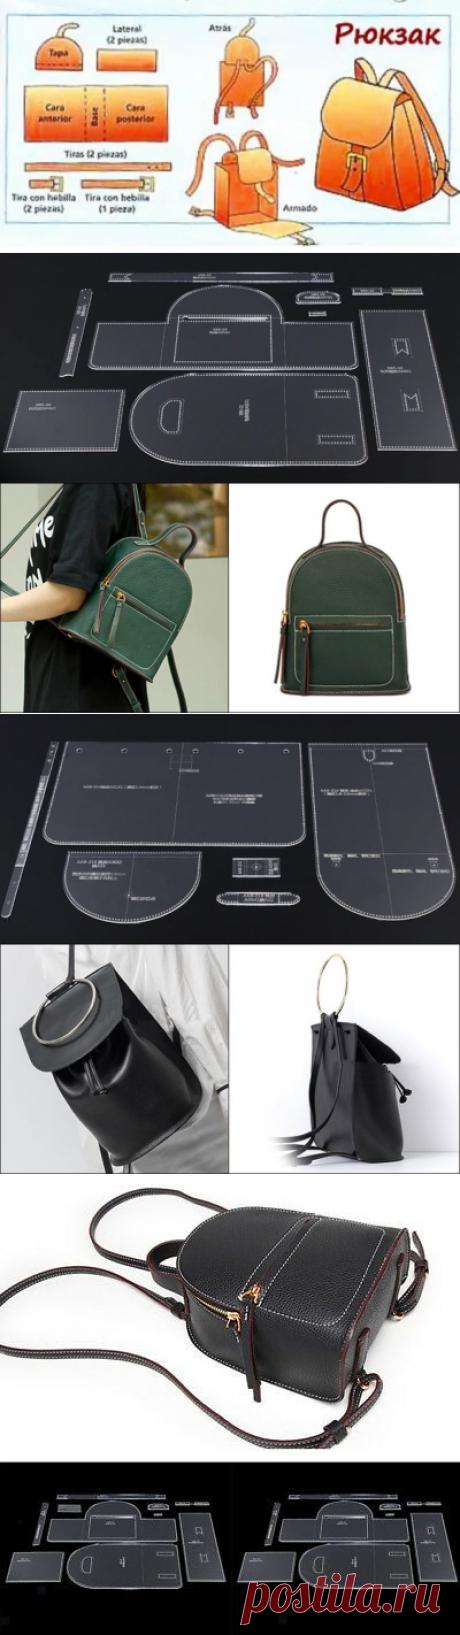 Рюкзак для подростка, а может для бабушки? Уникальная сумка на любой возраст - выкройки и шаблоны! | Юлия Жданова | Яндекс Дзен